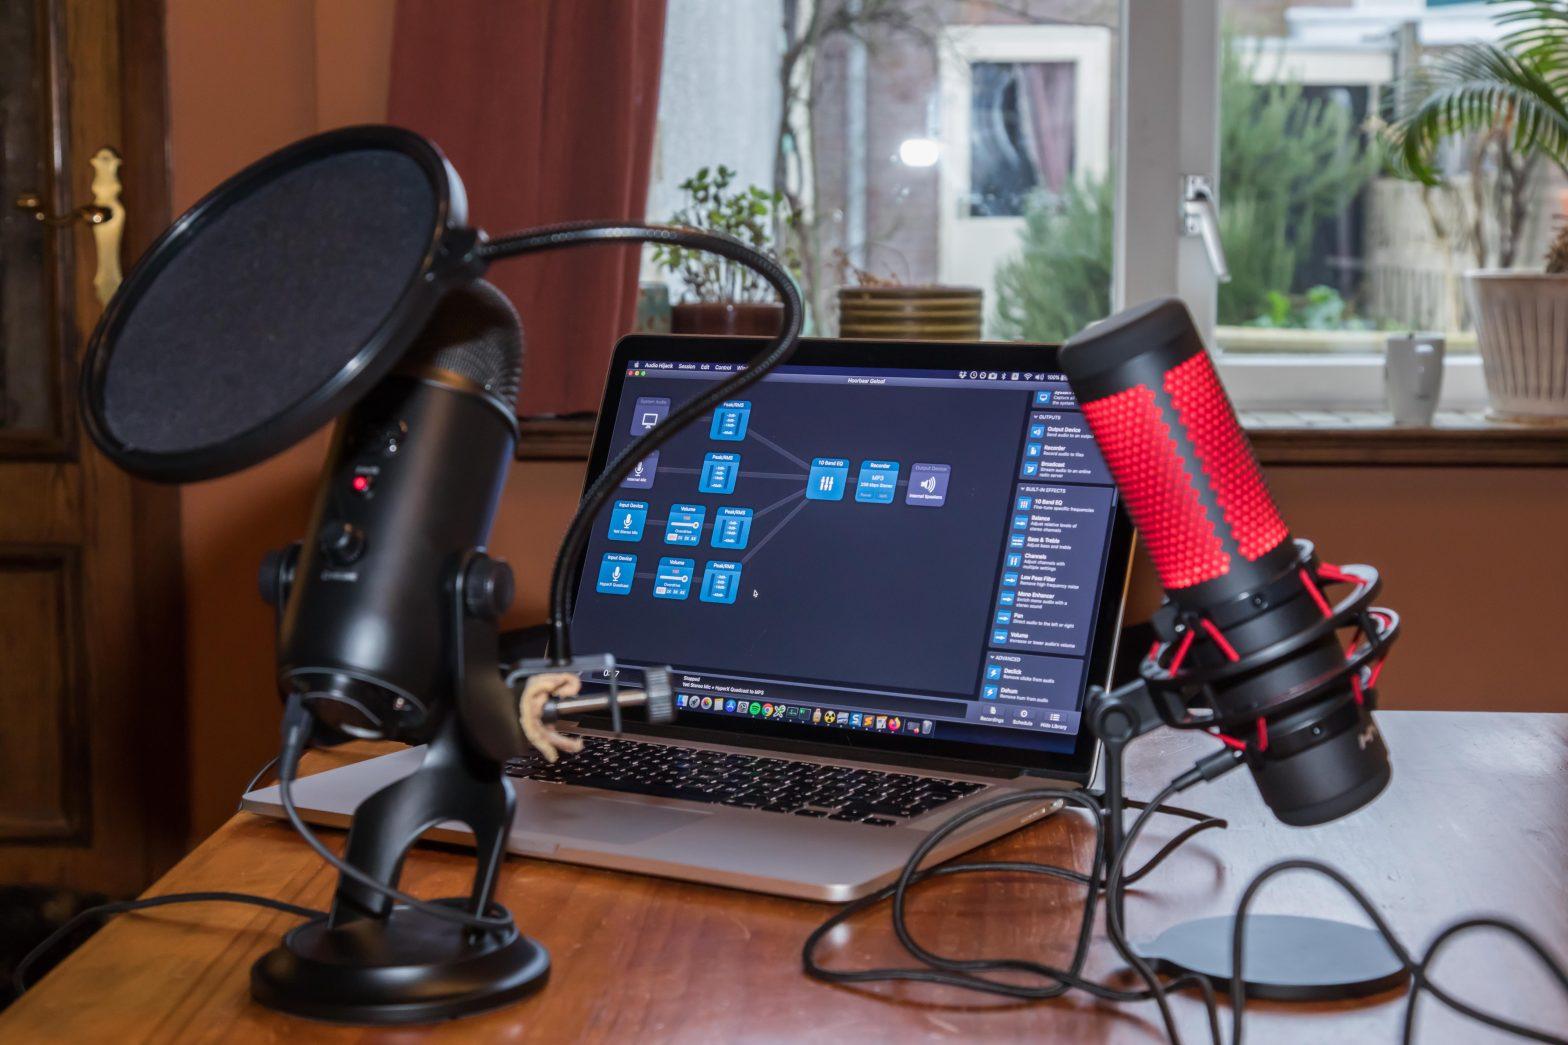 Twee studiomicrofoons op een tafel, met daarachter een macbook met op het scherm opnamesoftware.